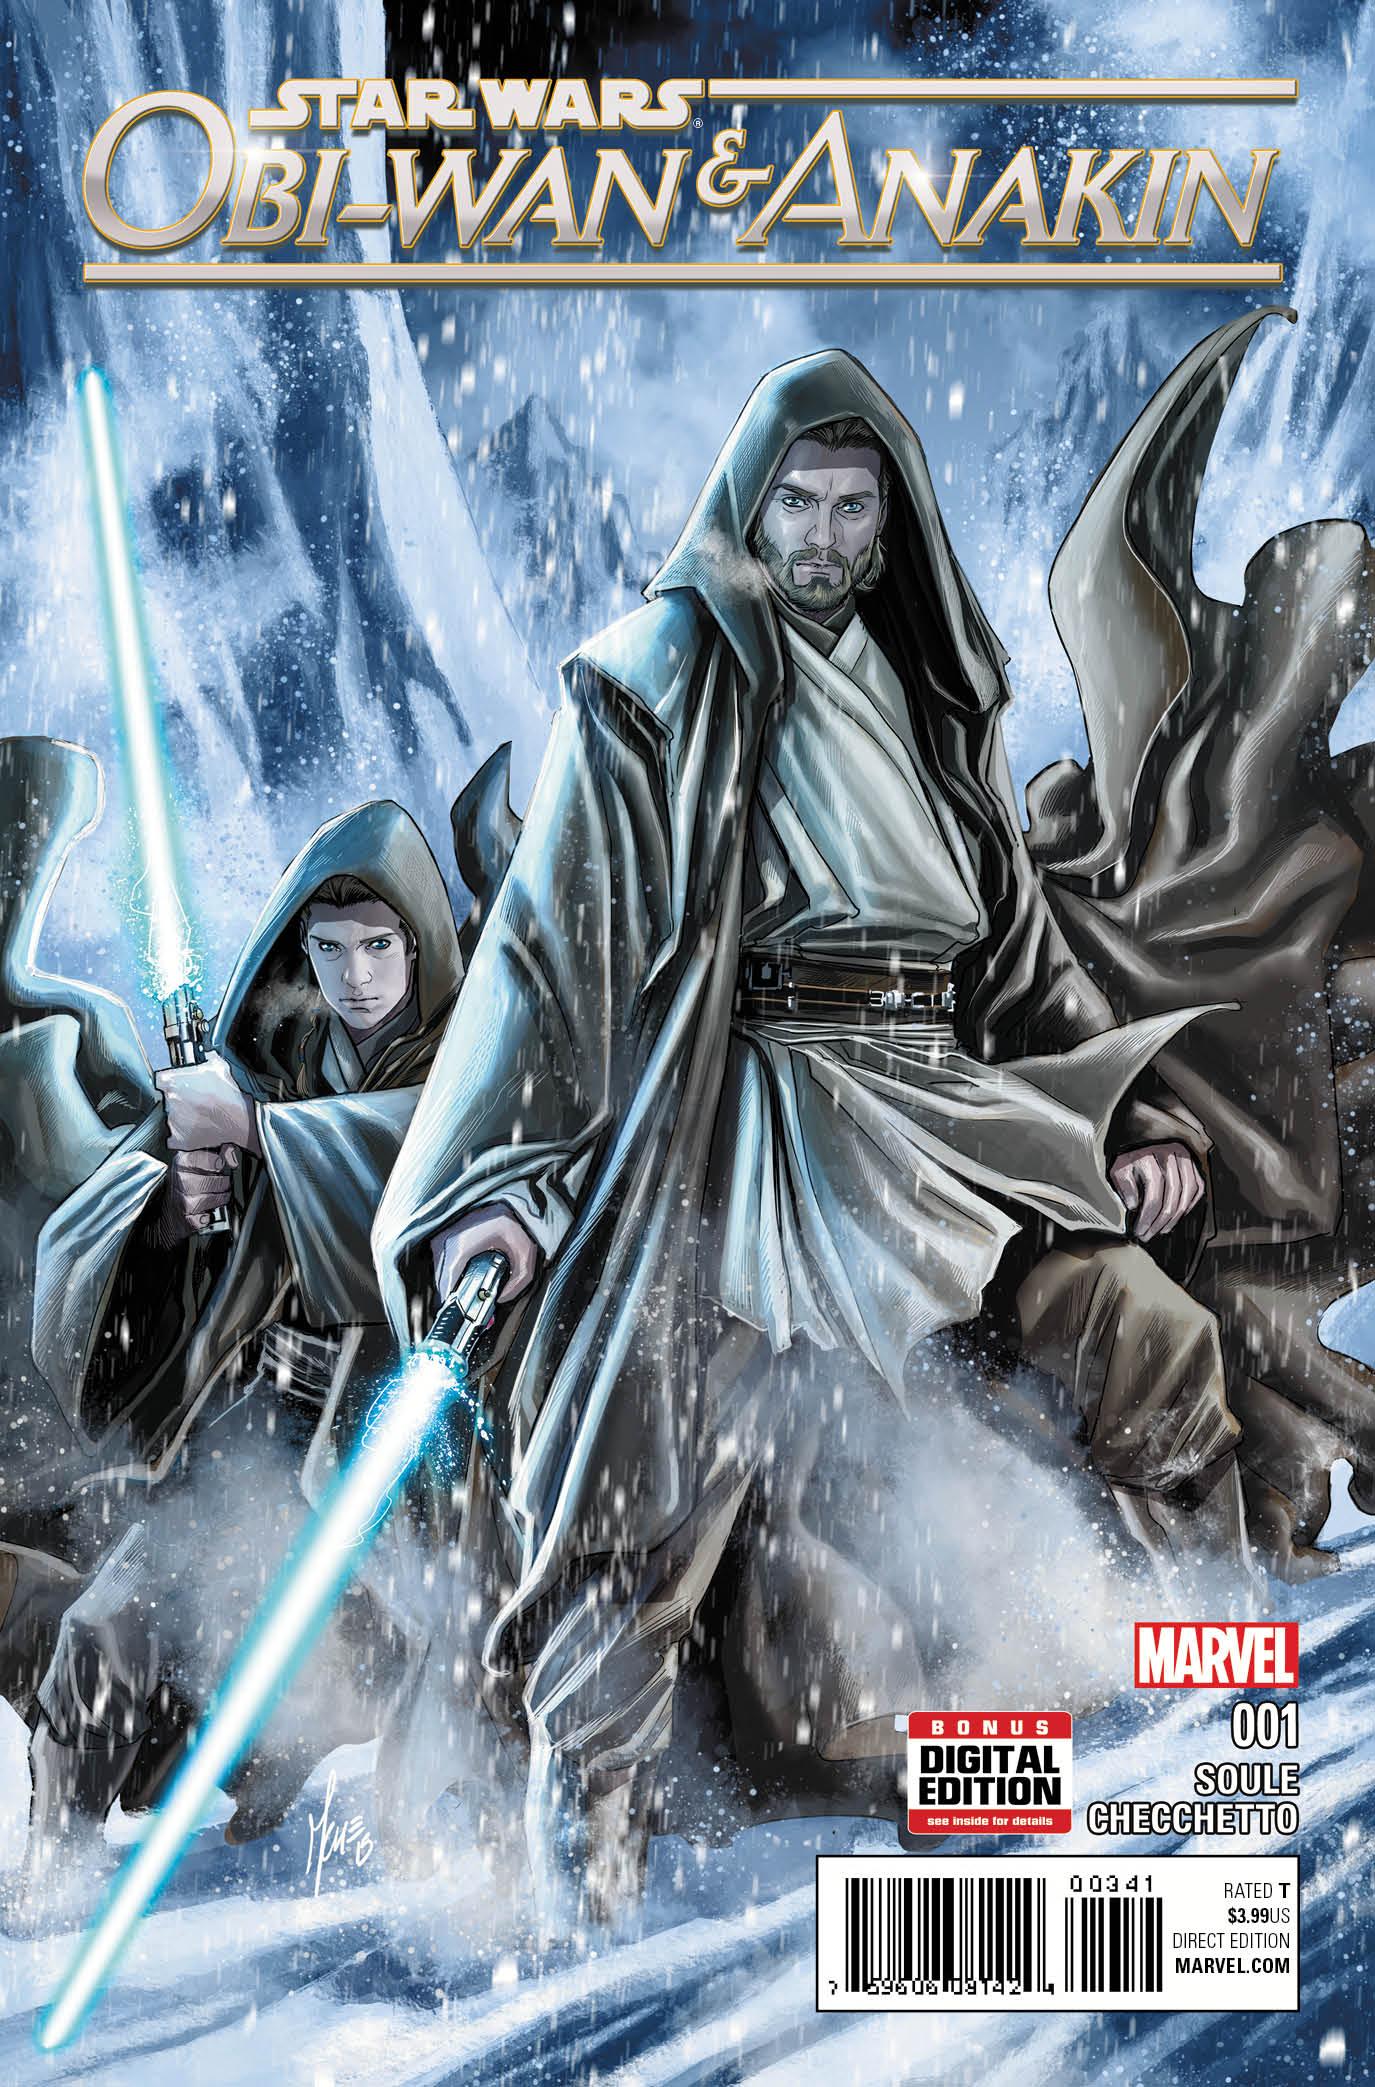 Star Wars: Obi-Wan and Anakin #1 Review- Jedi Knights